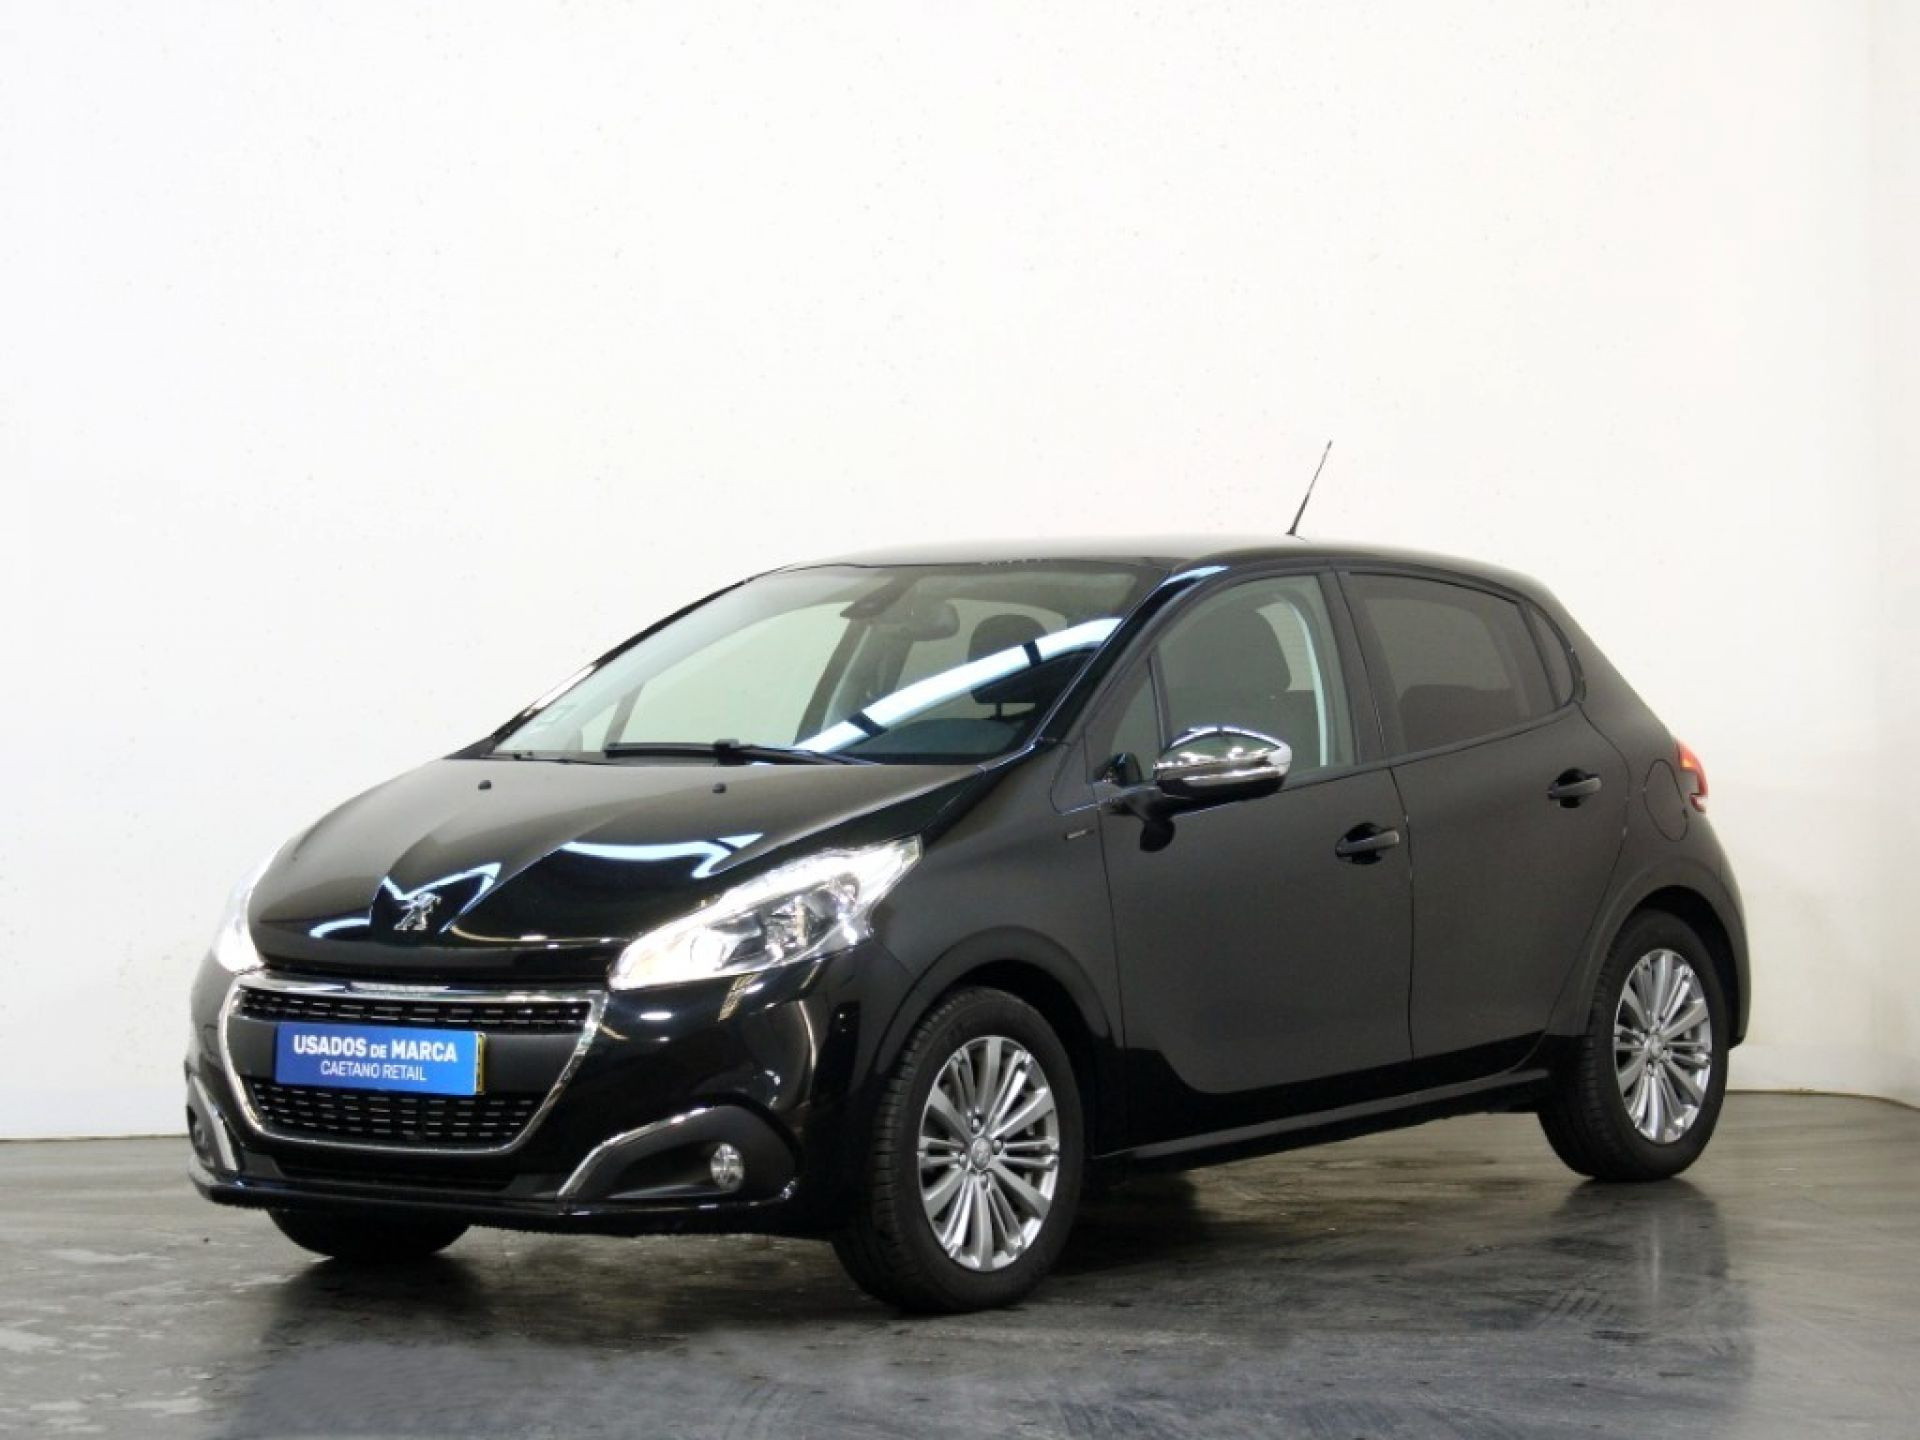 Peugeot 208 Signature 1.2 PureTech 82 Euro 6.2 segunda mão Porto